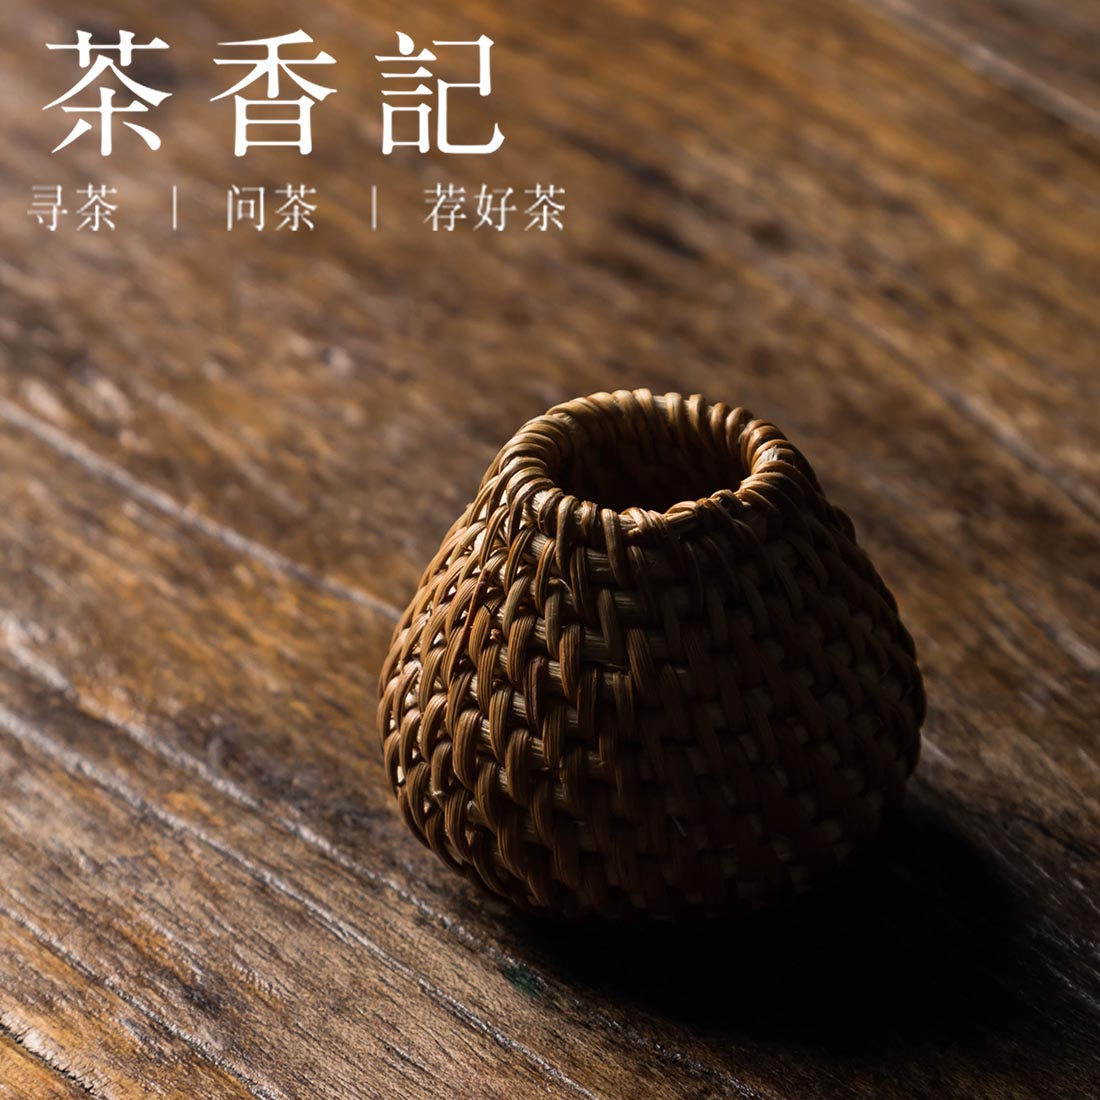 Trà thơm Việt Nam Bộ mây che mùa thu Bộ mây che Bộ đồ trà thủ công phù hợp với bộ trà Gato Kung Fu - Trà sứ